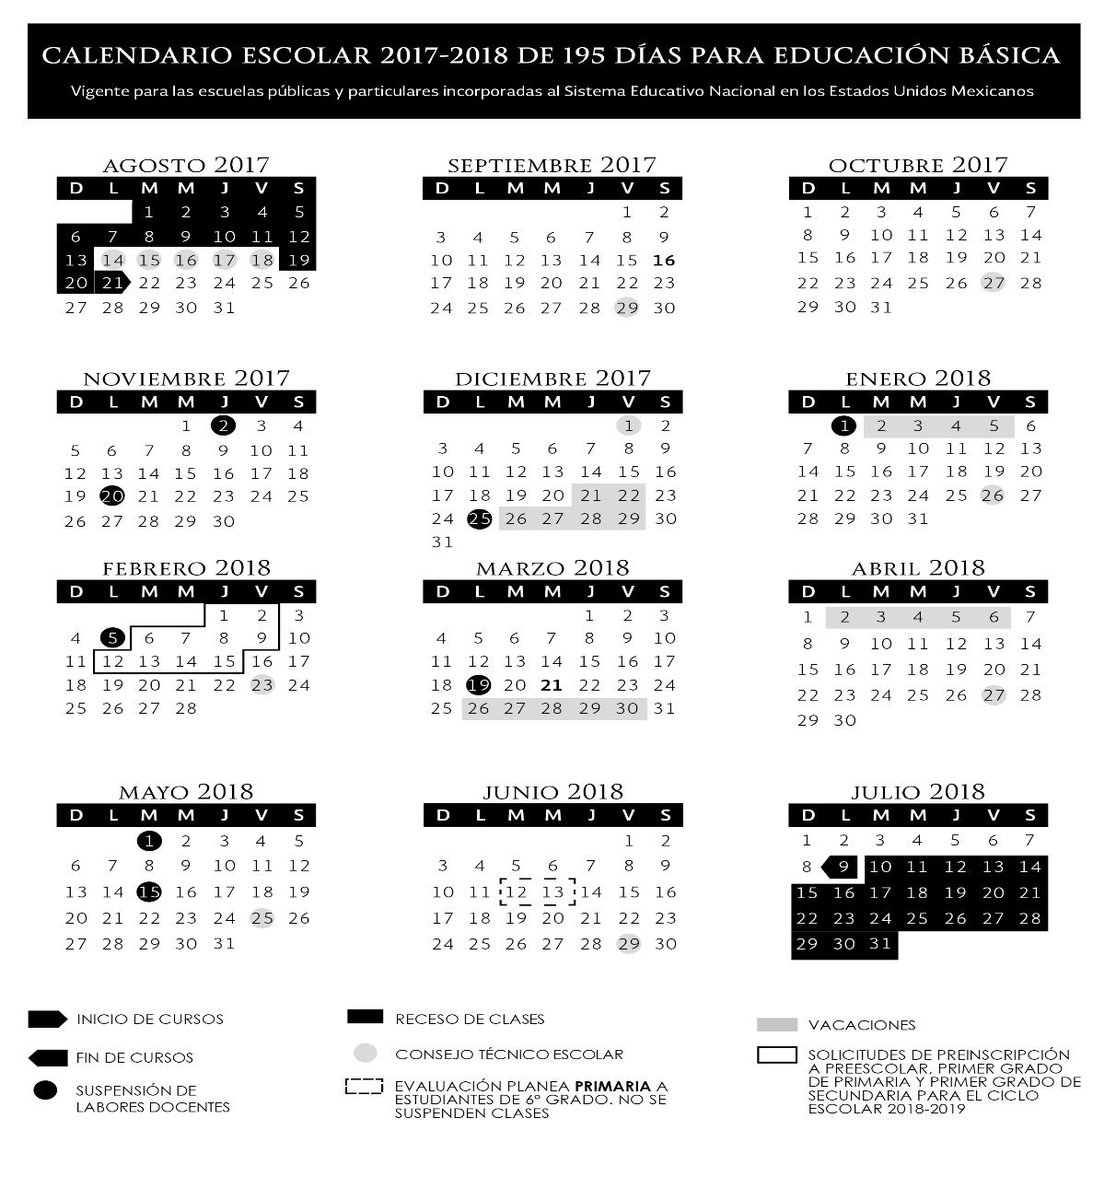 Calendario Mariano.Mariano Osorio On Twitter Calendario Escolar 2017 2018 Sep